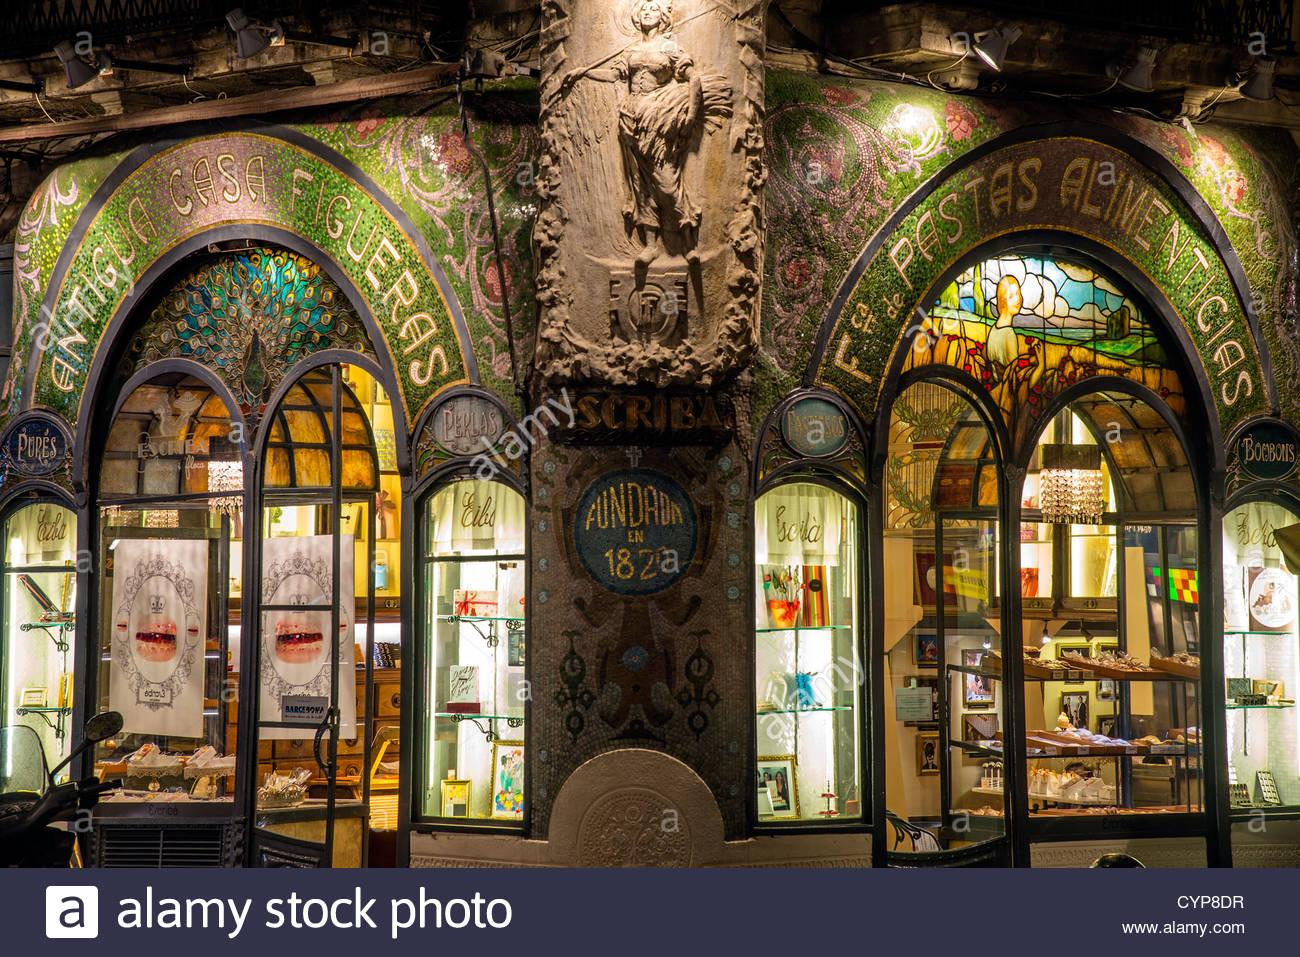 Art nouveau decoration at antigua casa figueras home of - Art nouveau architecture de barcelone revisitee ...